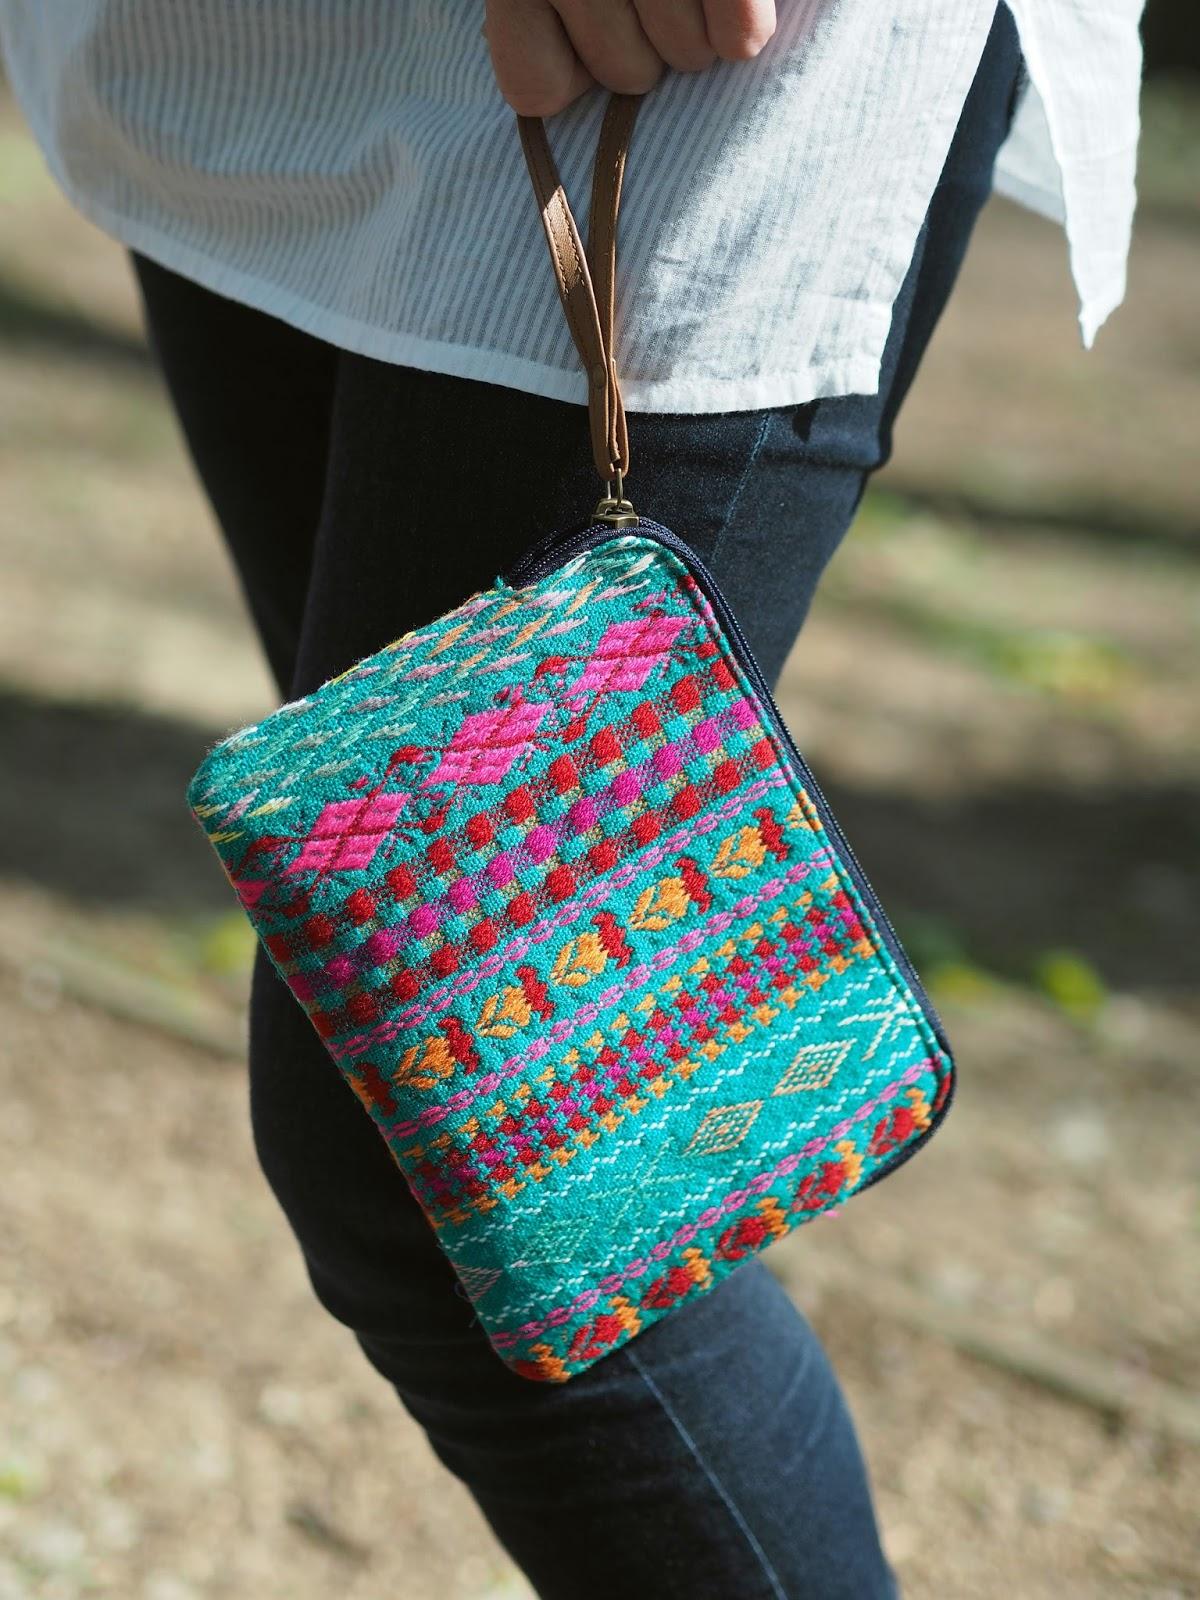 Aztec inspired clutch bag